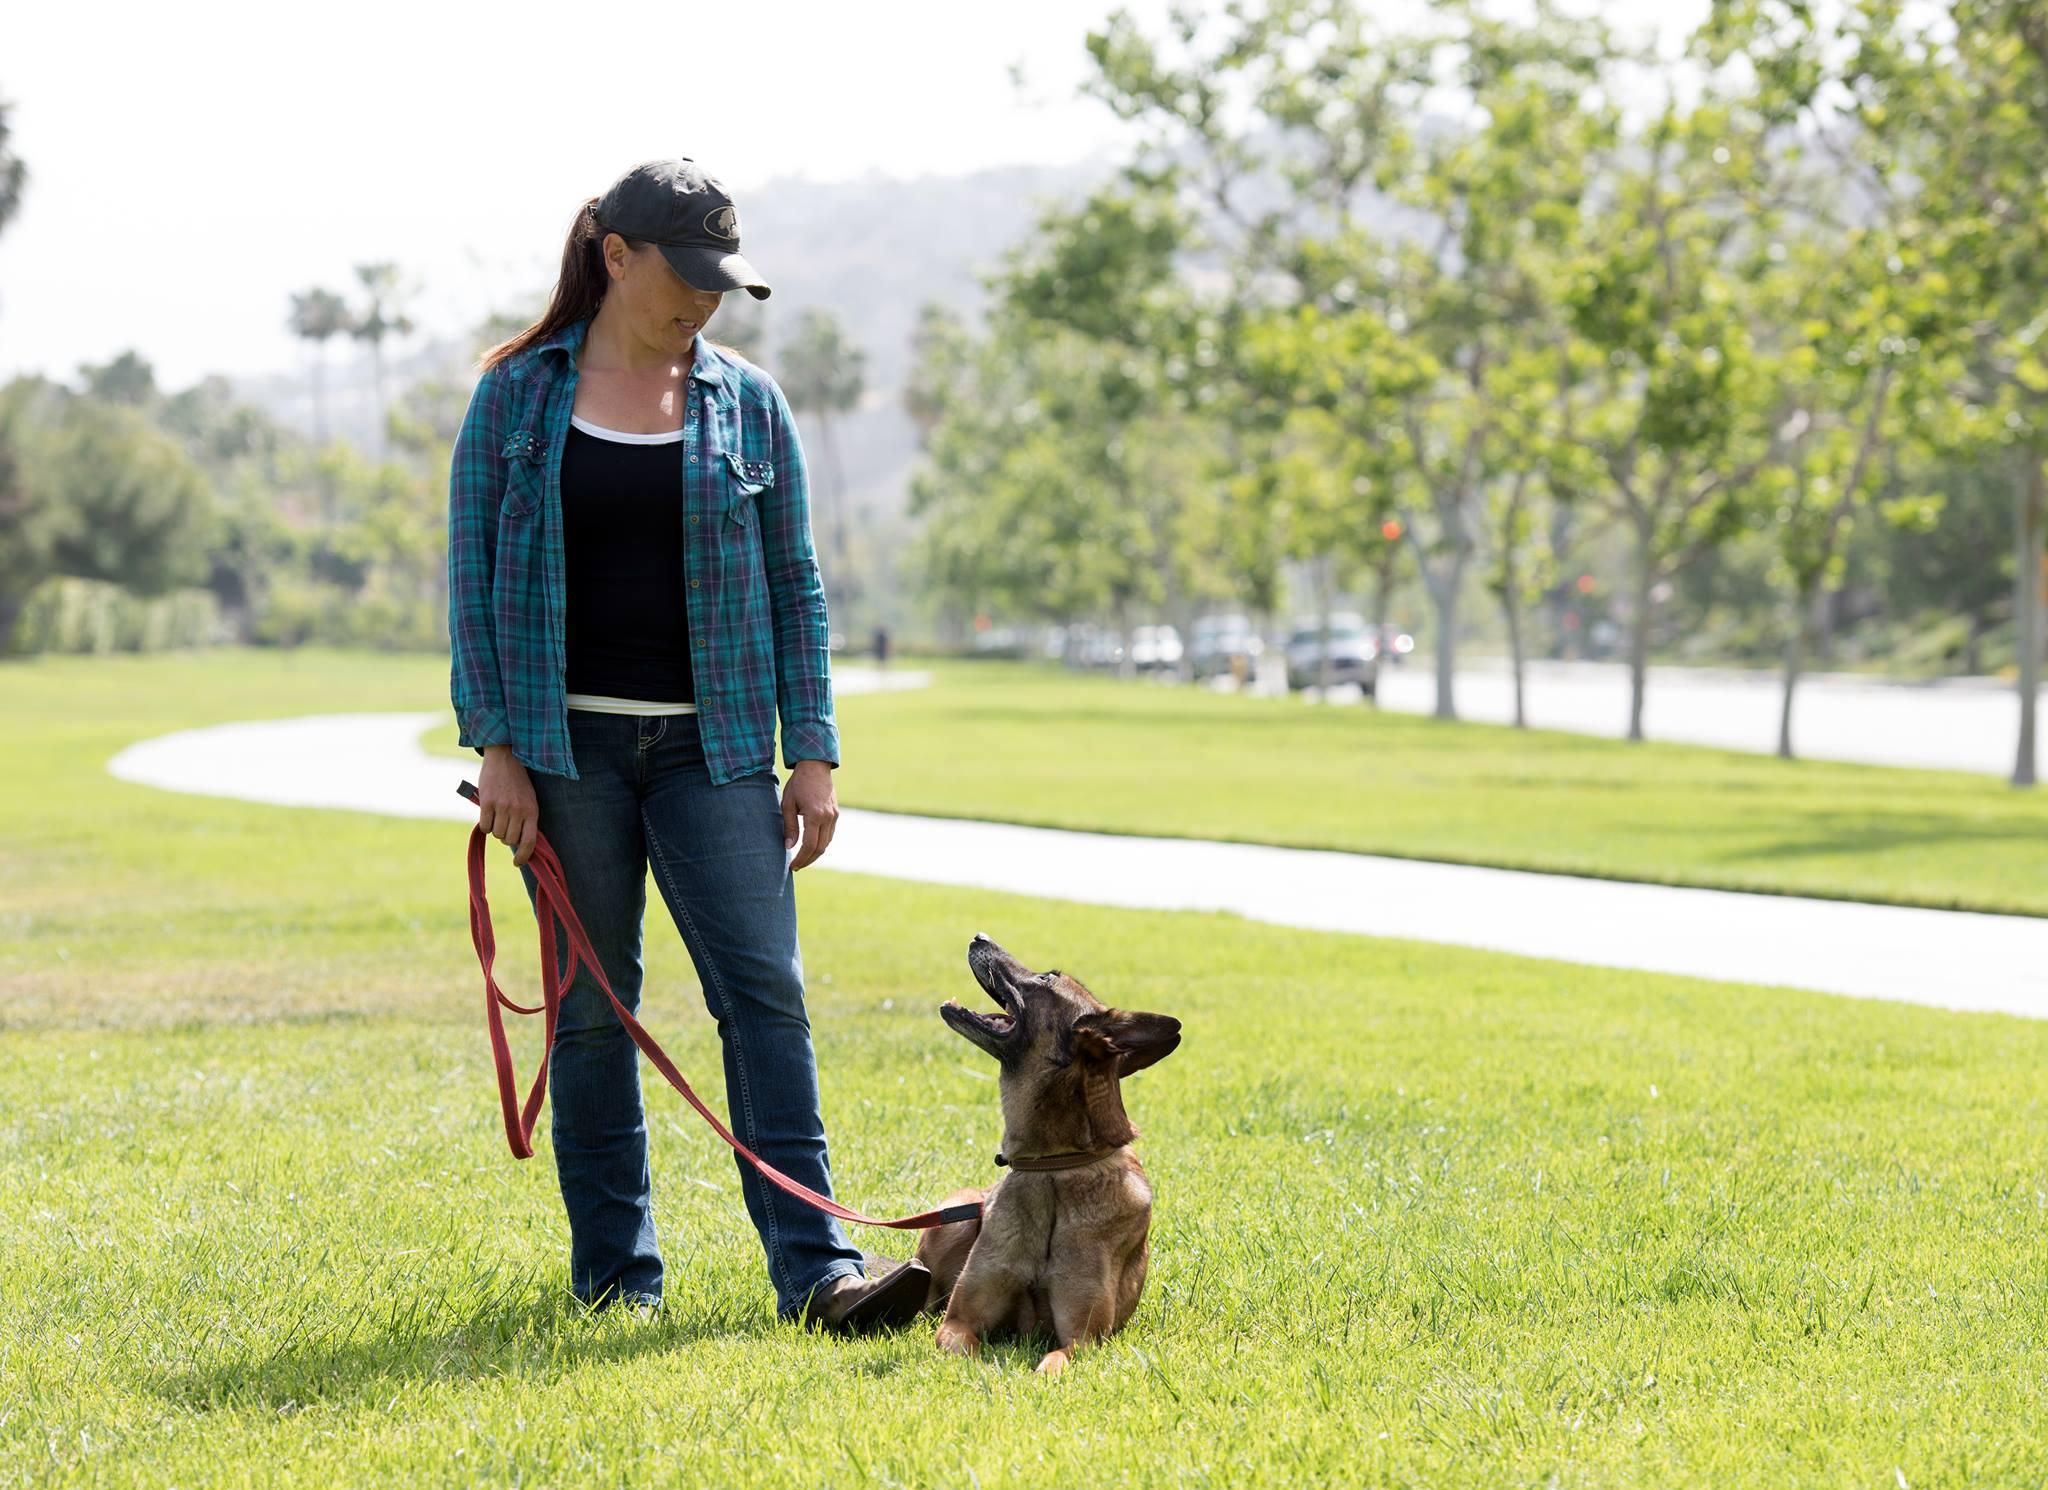 Collared Scholar Dog Training